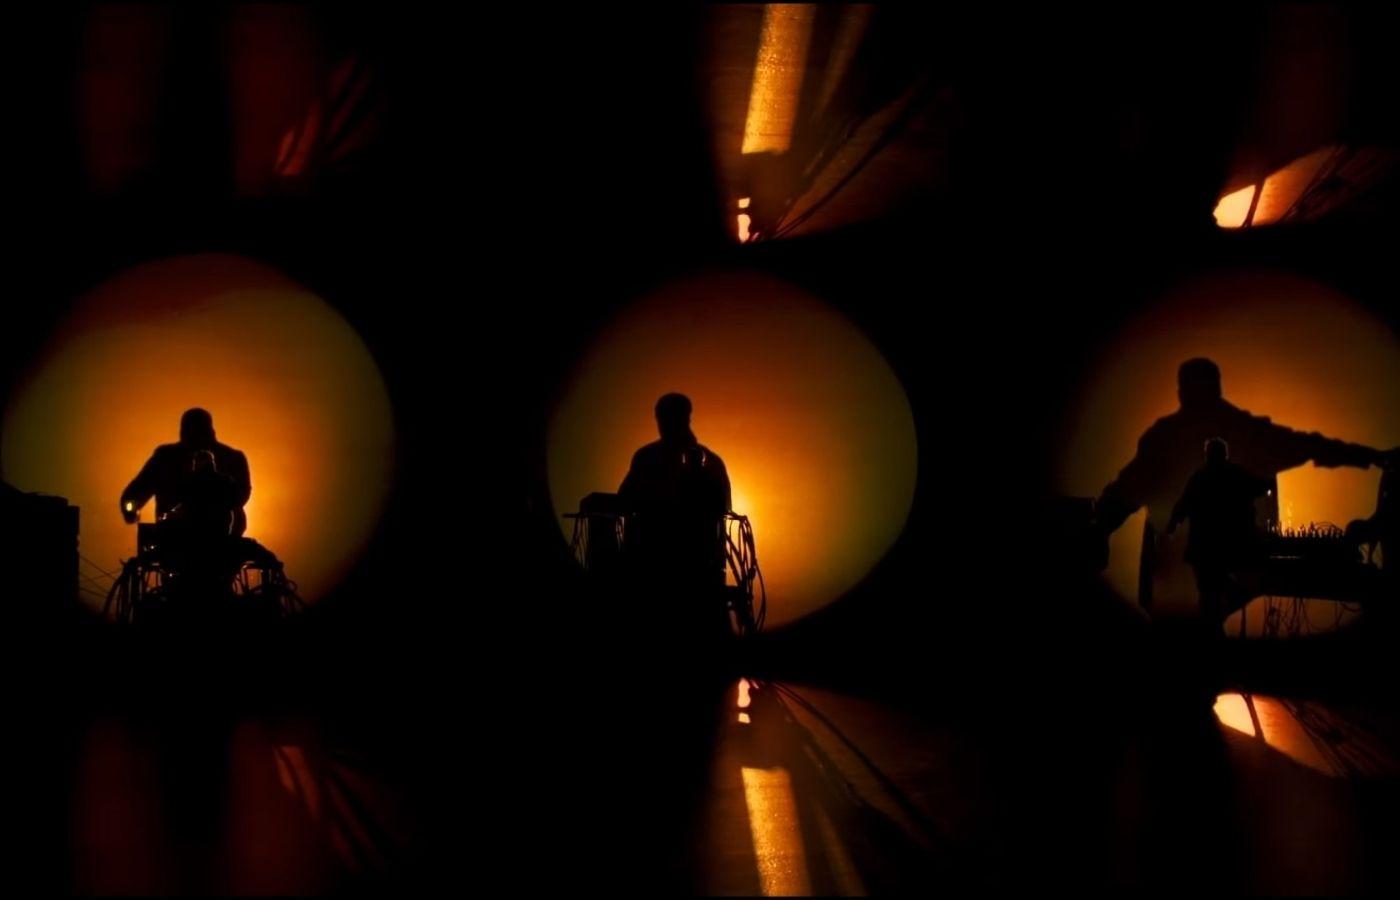 Mirá a Swedish House Mafia interpretando sus nuevos singles en el show de Jimmy Fallon